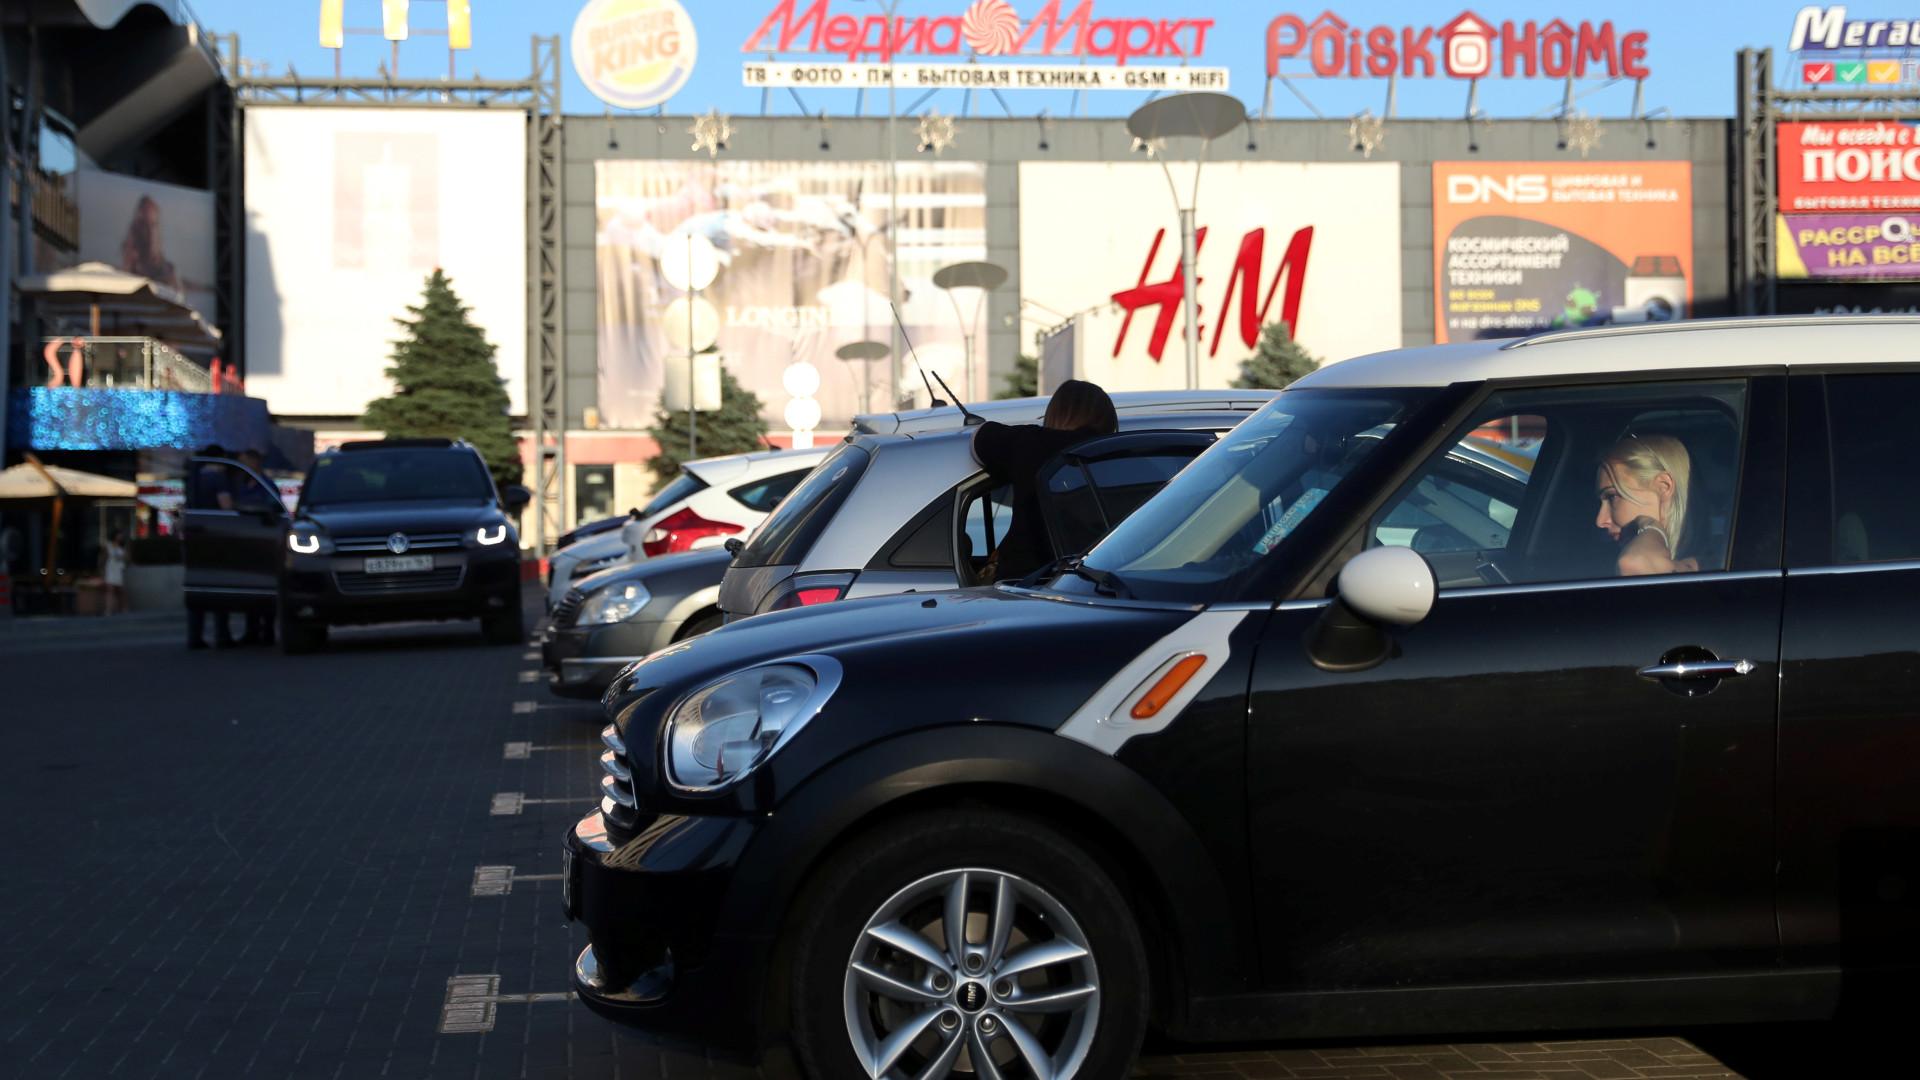 O mistério dos carros sem matrícula na Rússia